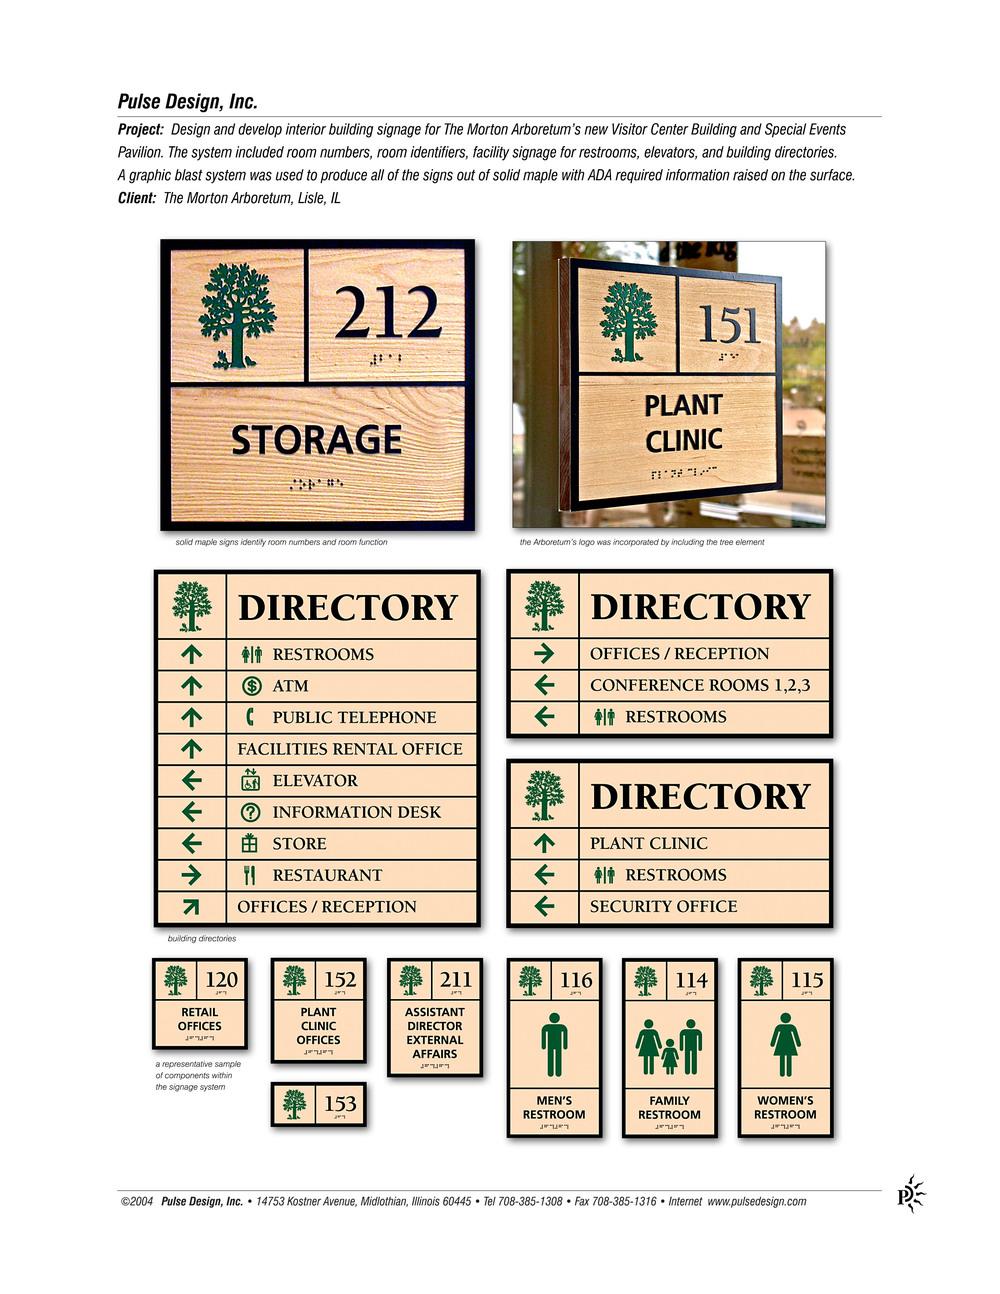 Morton-Arboretum-Wayfinding-Signs-Interior-Pulse-Design-Inc.jpg